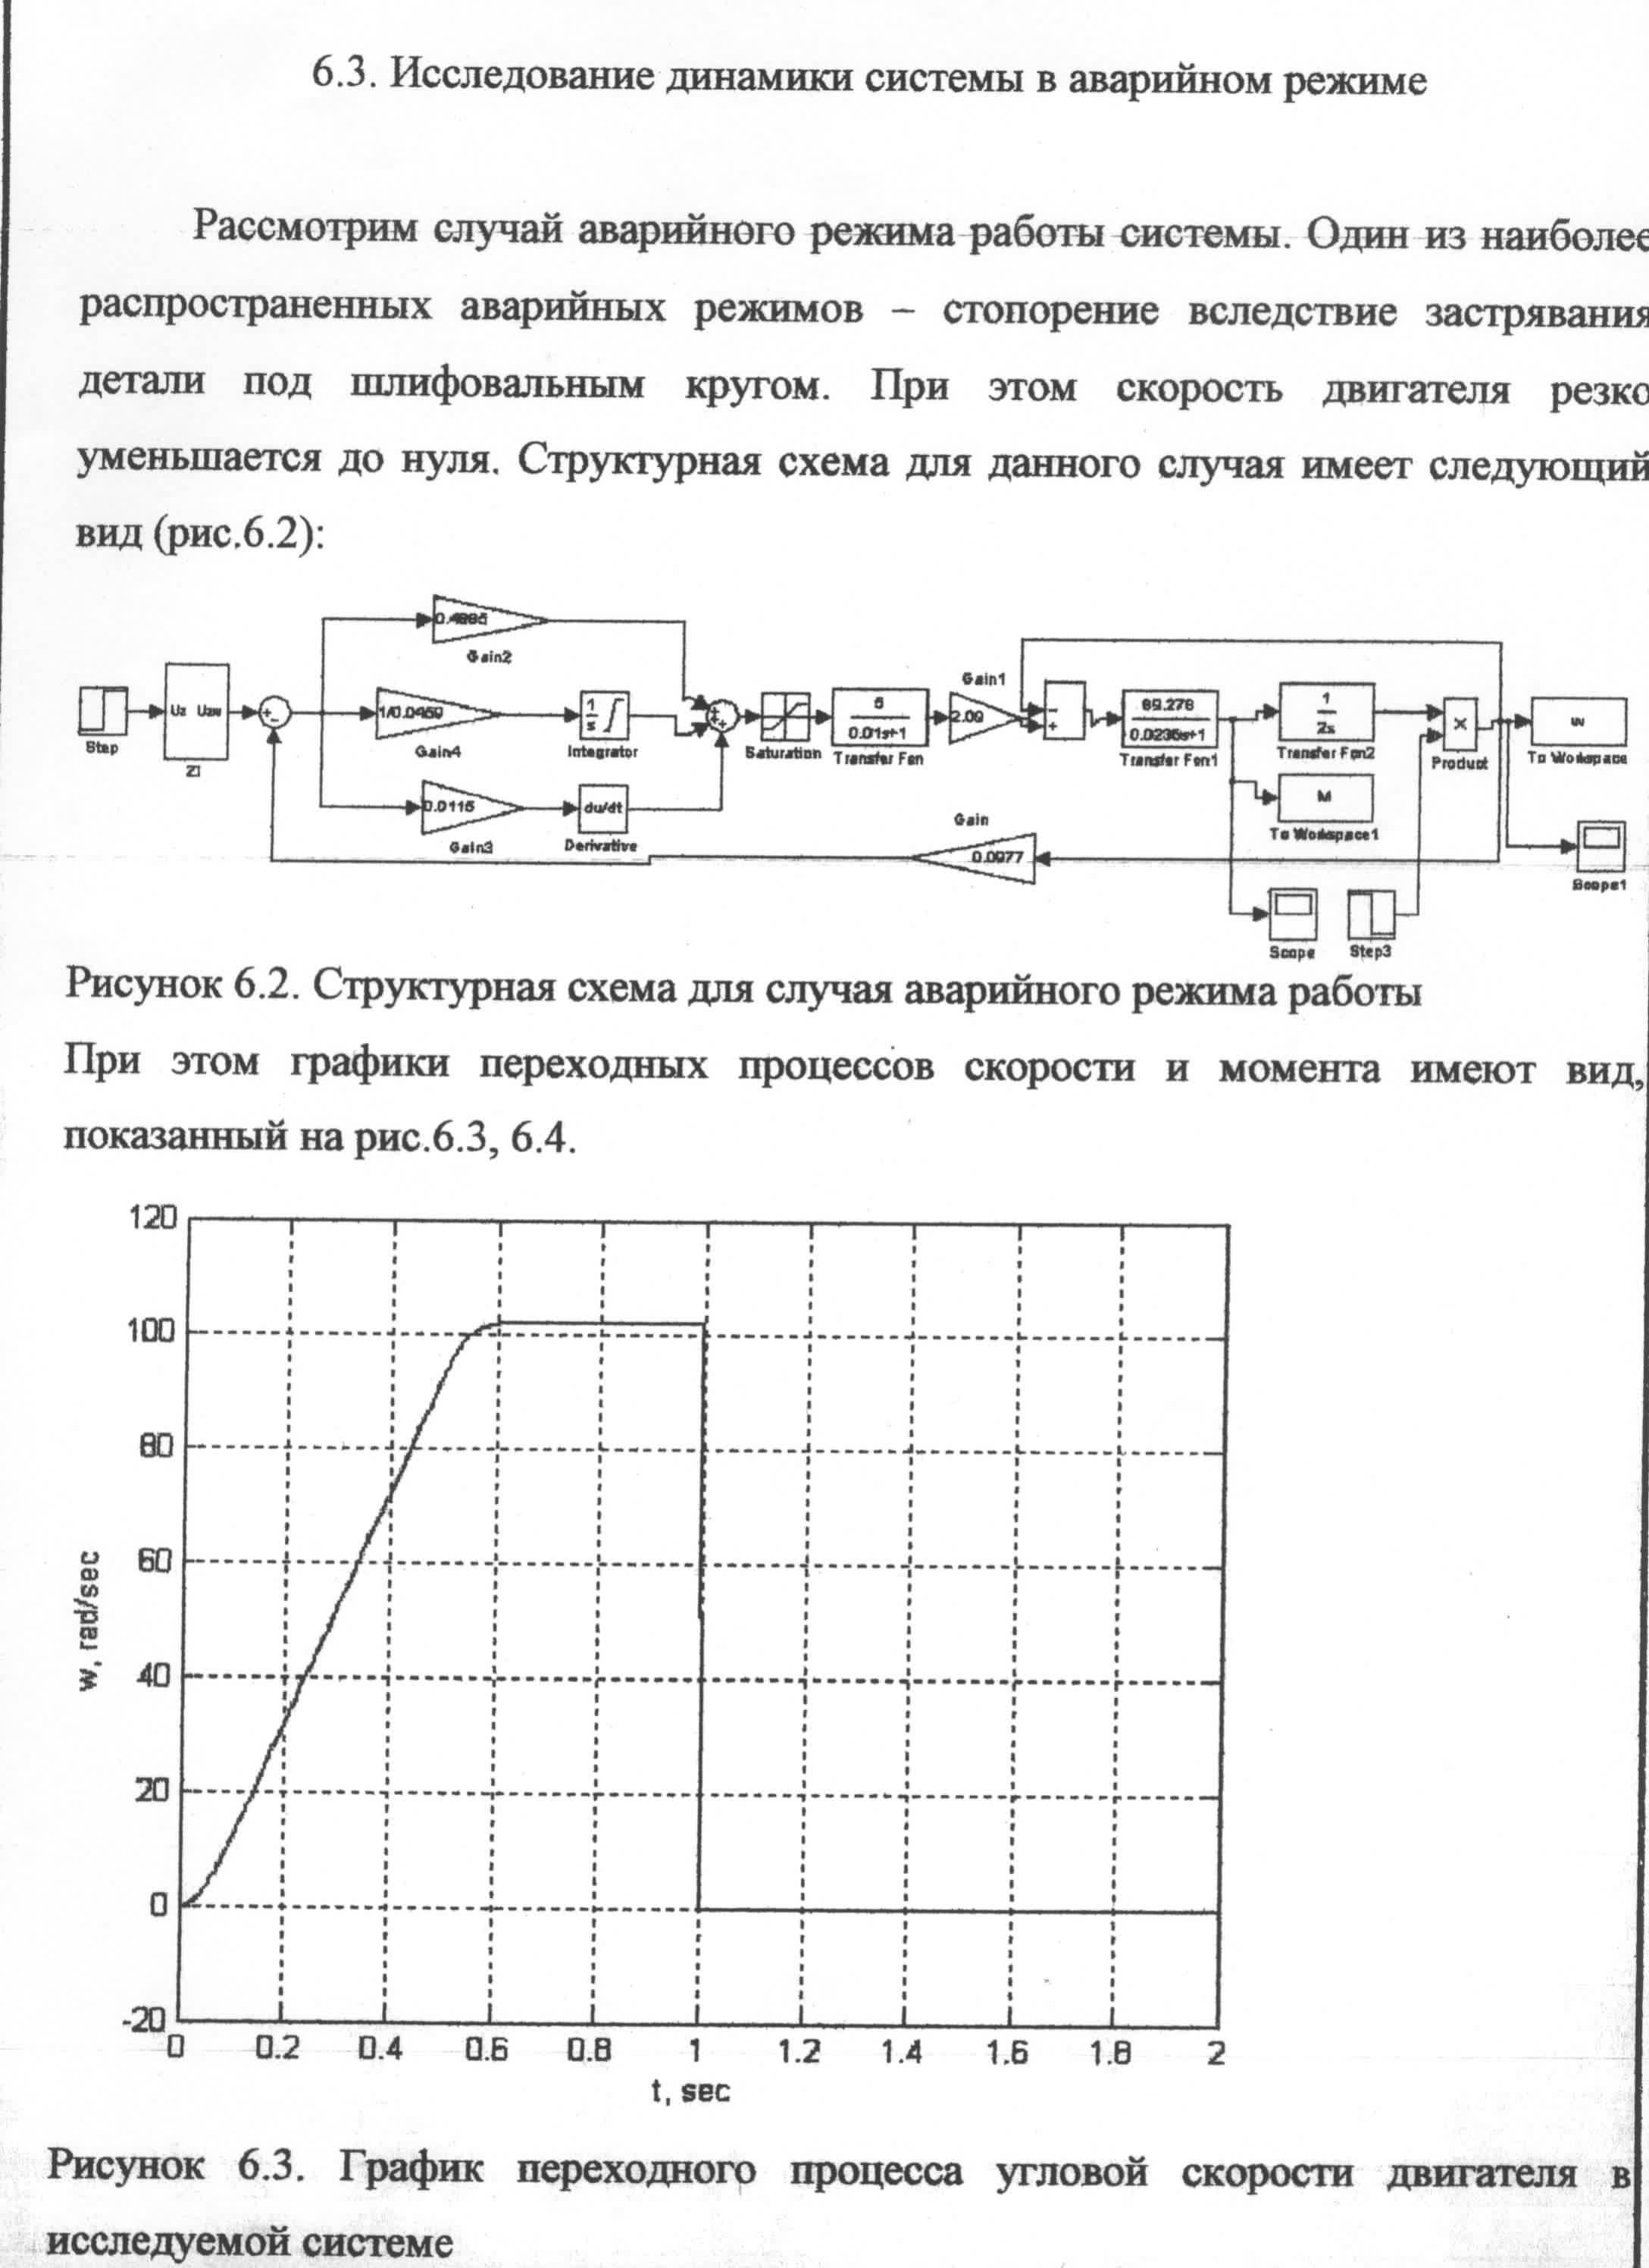 все дипломные работы на украинском языке: